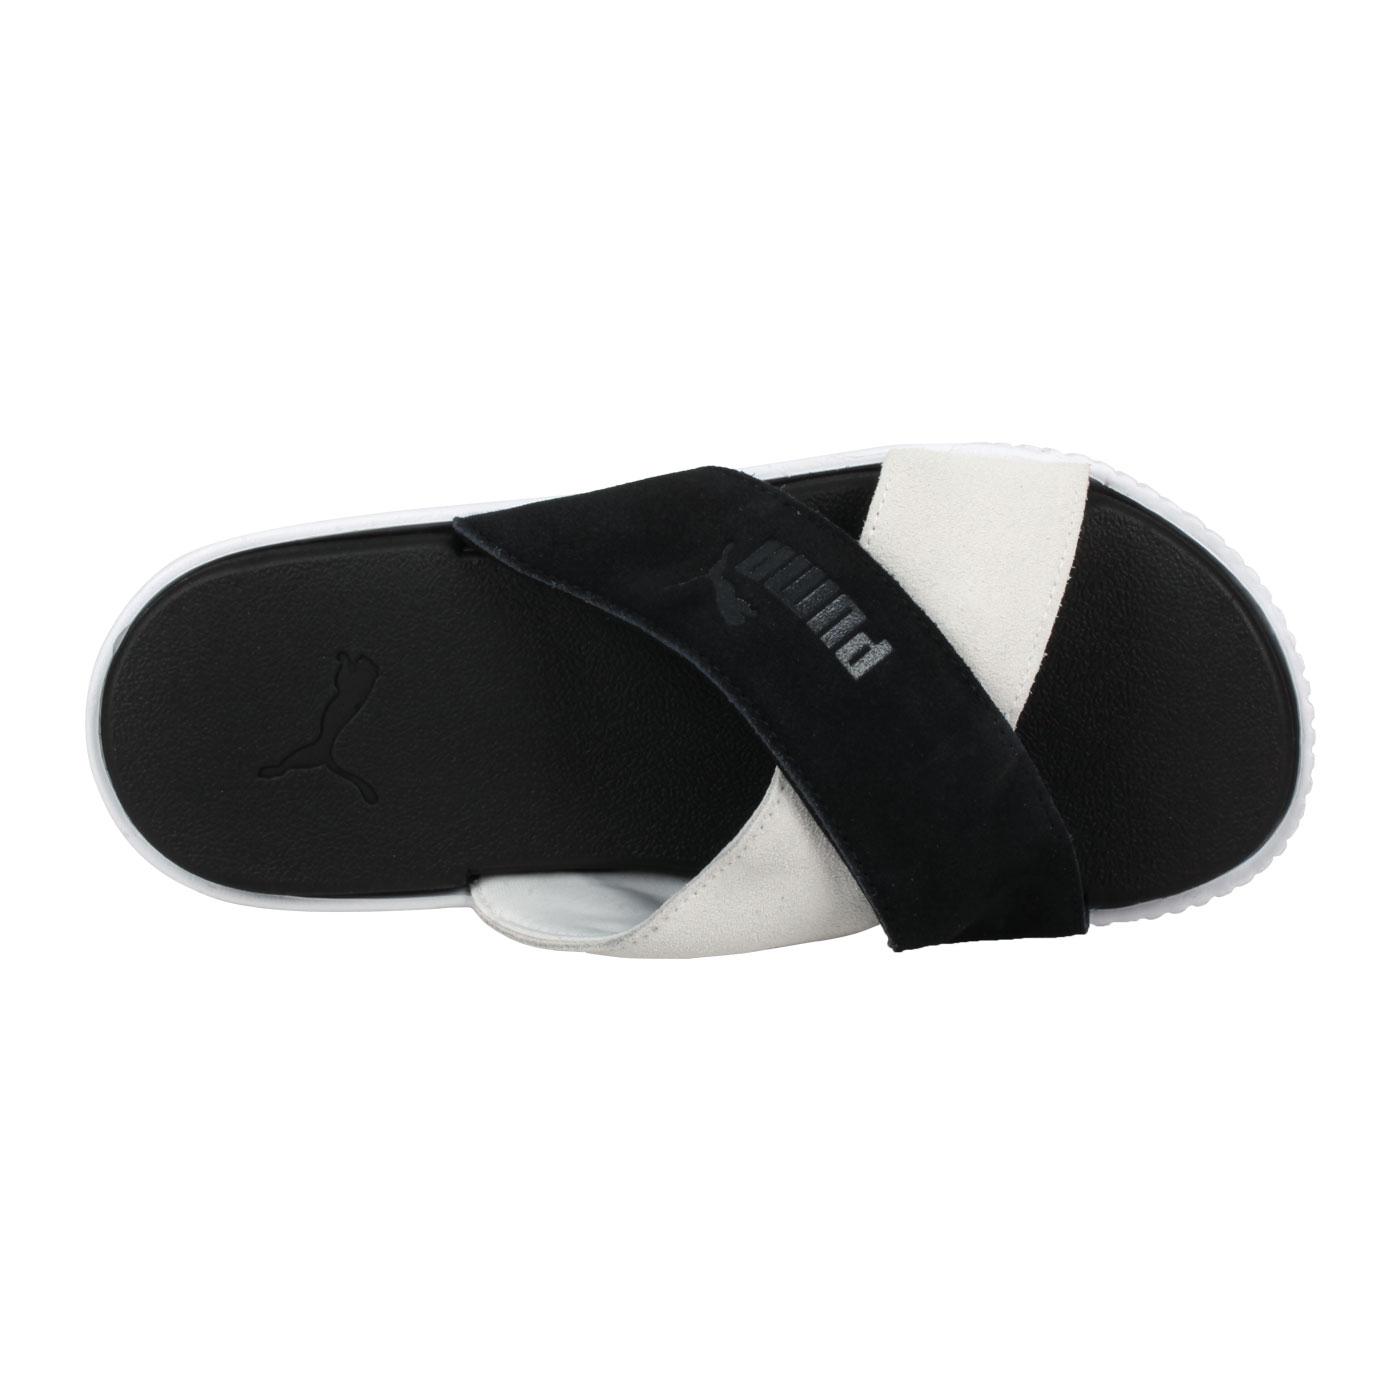 PUMA 女款休閒拖鞋  @Platfprm Slide Suede@37510503 - 黑白